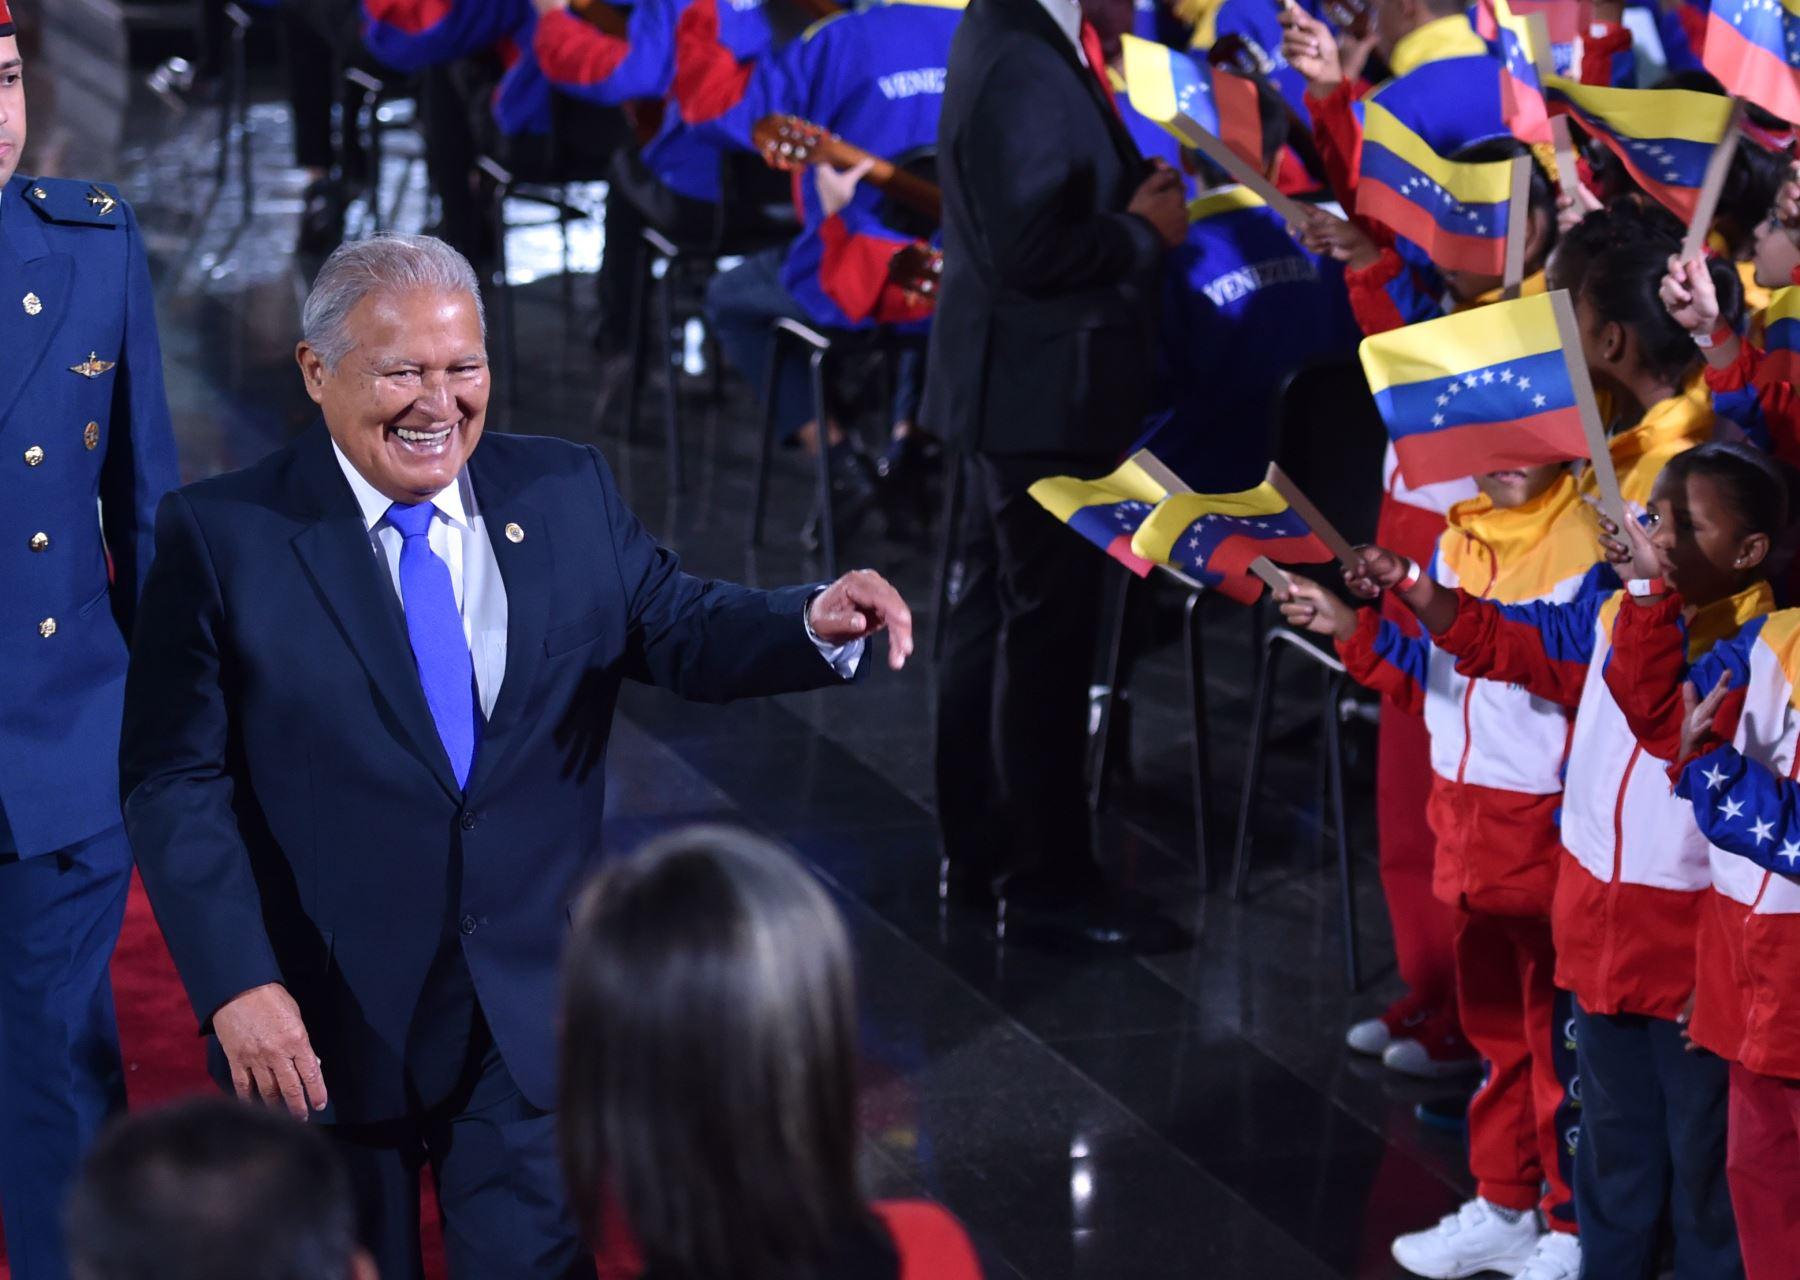 El presidente de El Salvador, Salvador Sánchez Cerén (L), sonríe al llegar a la ceremonia de inauguración del segundo mandato del presidente de Venezuela, Nicolás Maduro, ante la Corte Suprema de Justicia. AFP